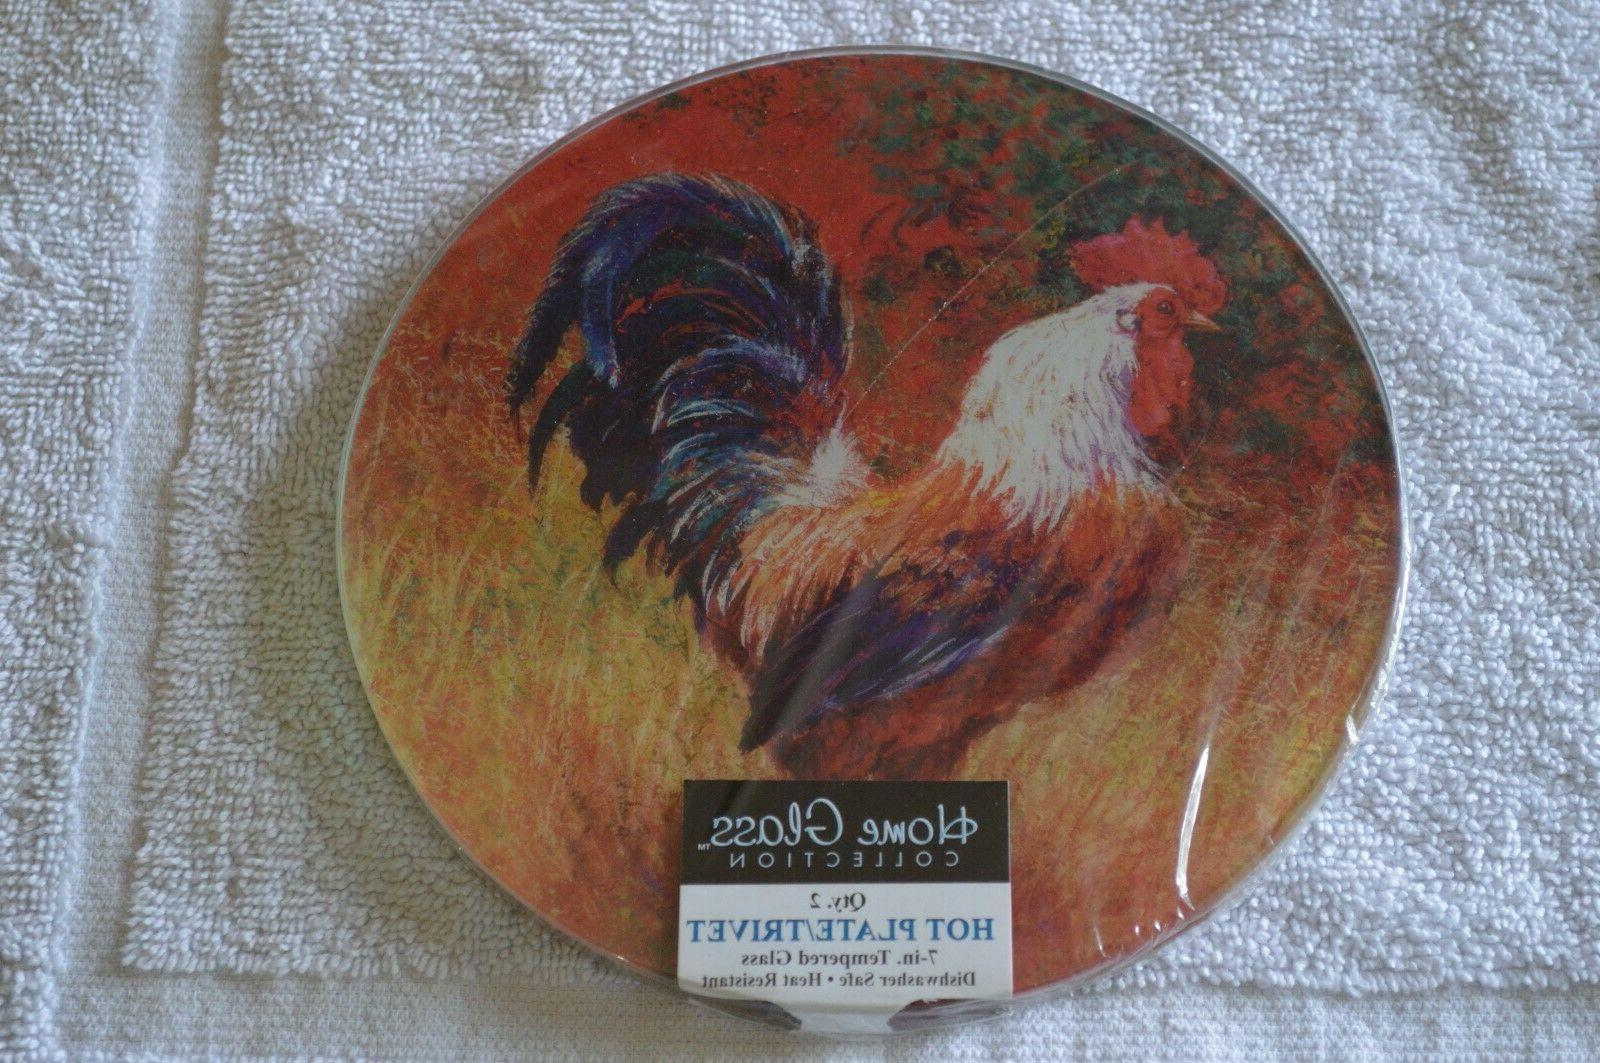 2 Rooster Hot Plates/Trivets Tempered Glass - Dishwasher Safe -